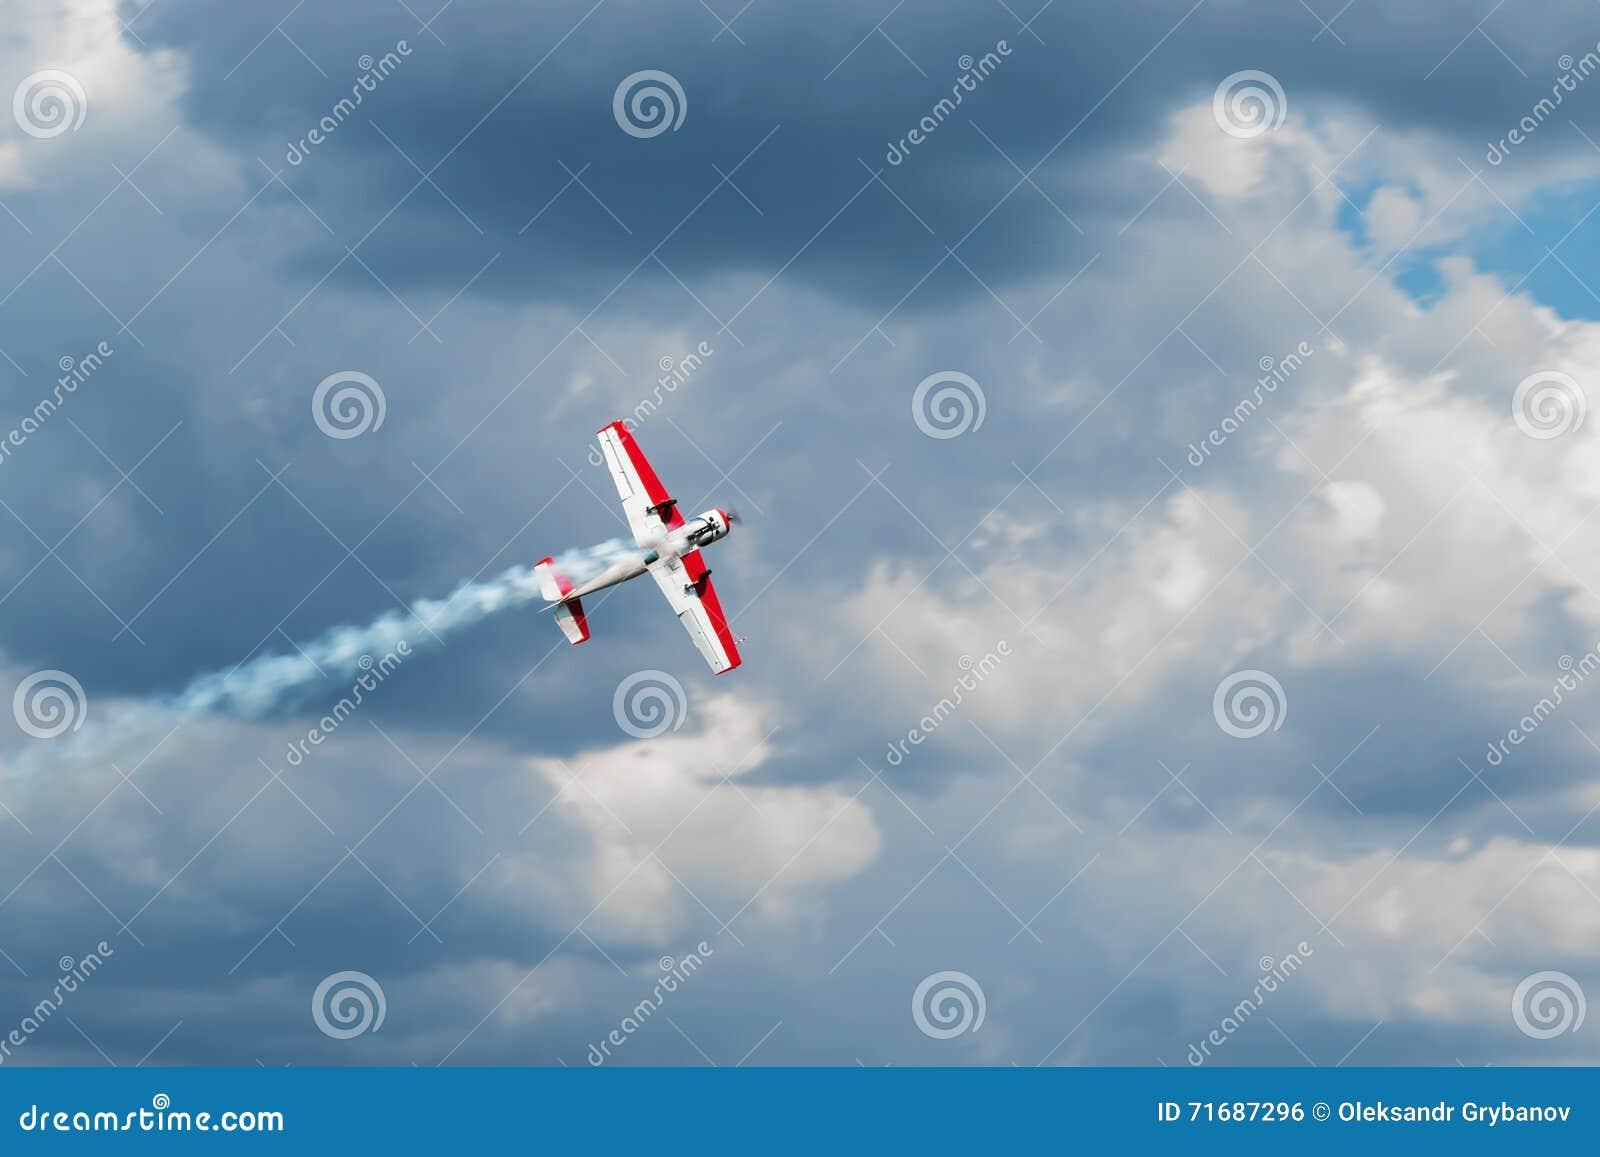 Aircraft produces fumes